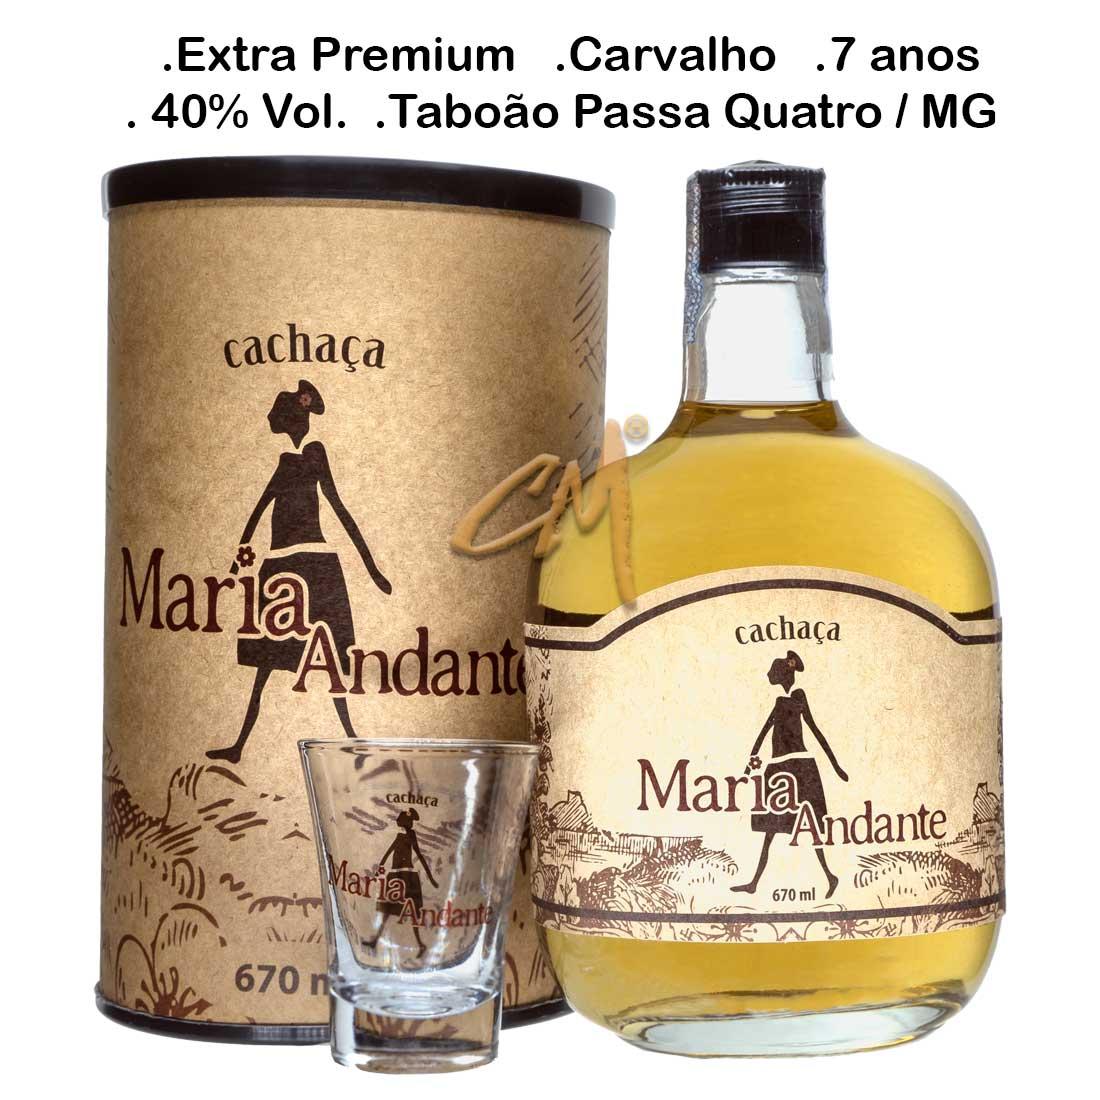 Cachaça Maria Andante Ouro com Box  670 ml (Taboão Passa Quatro - MG)